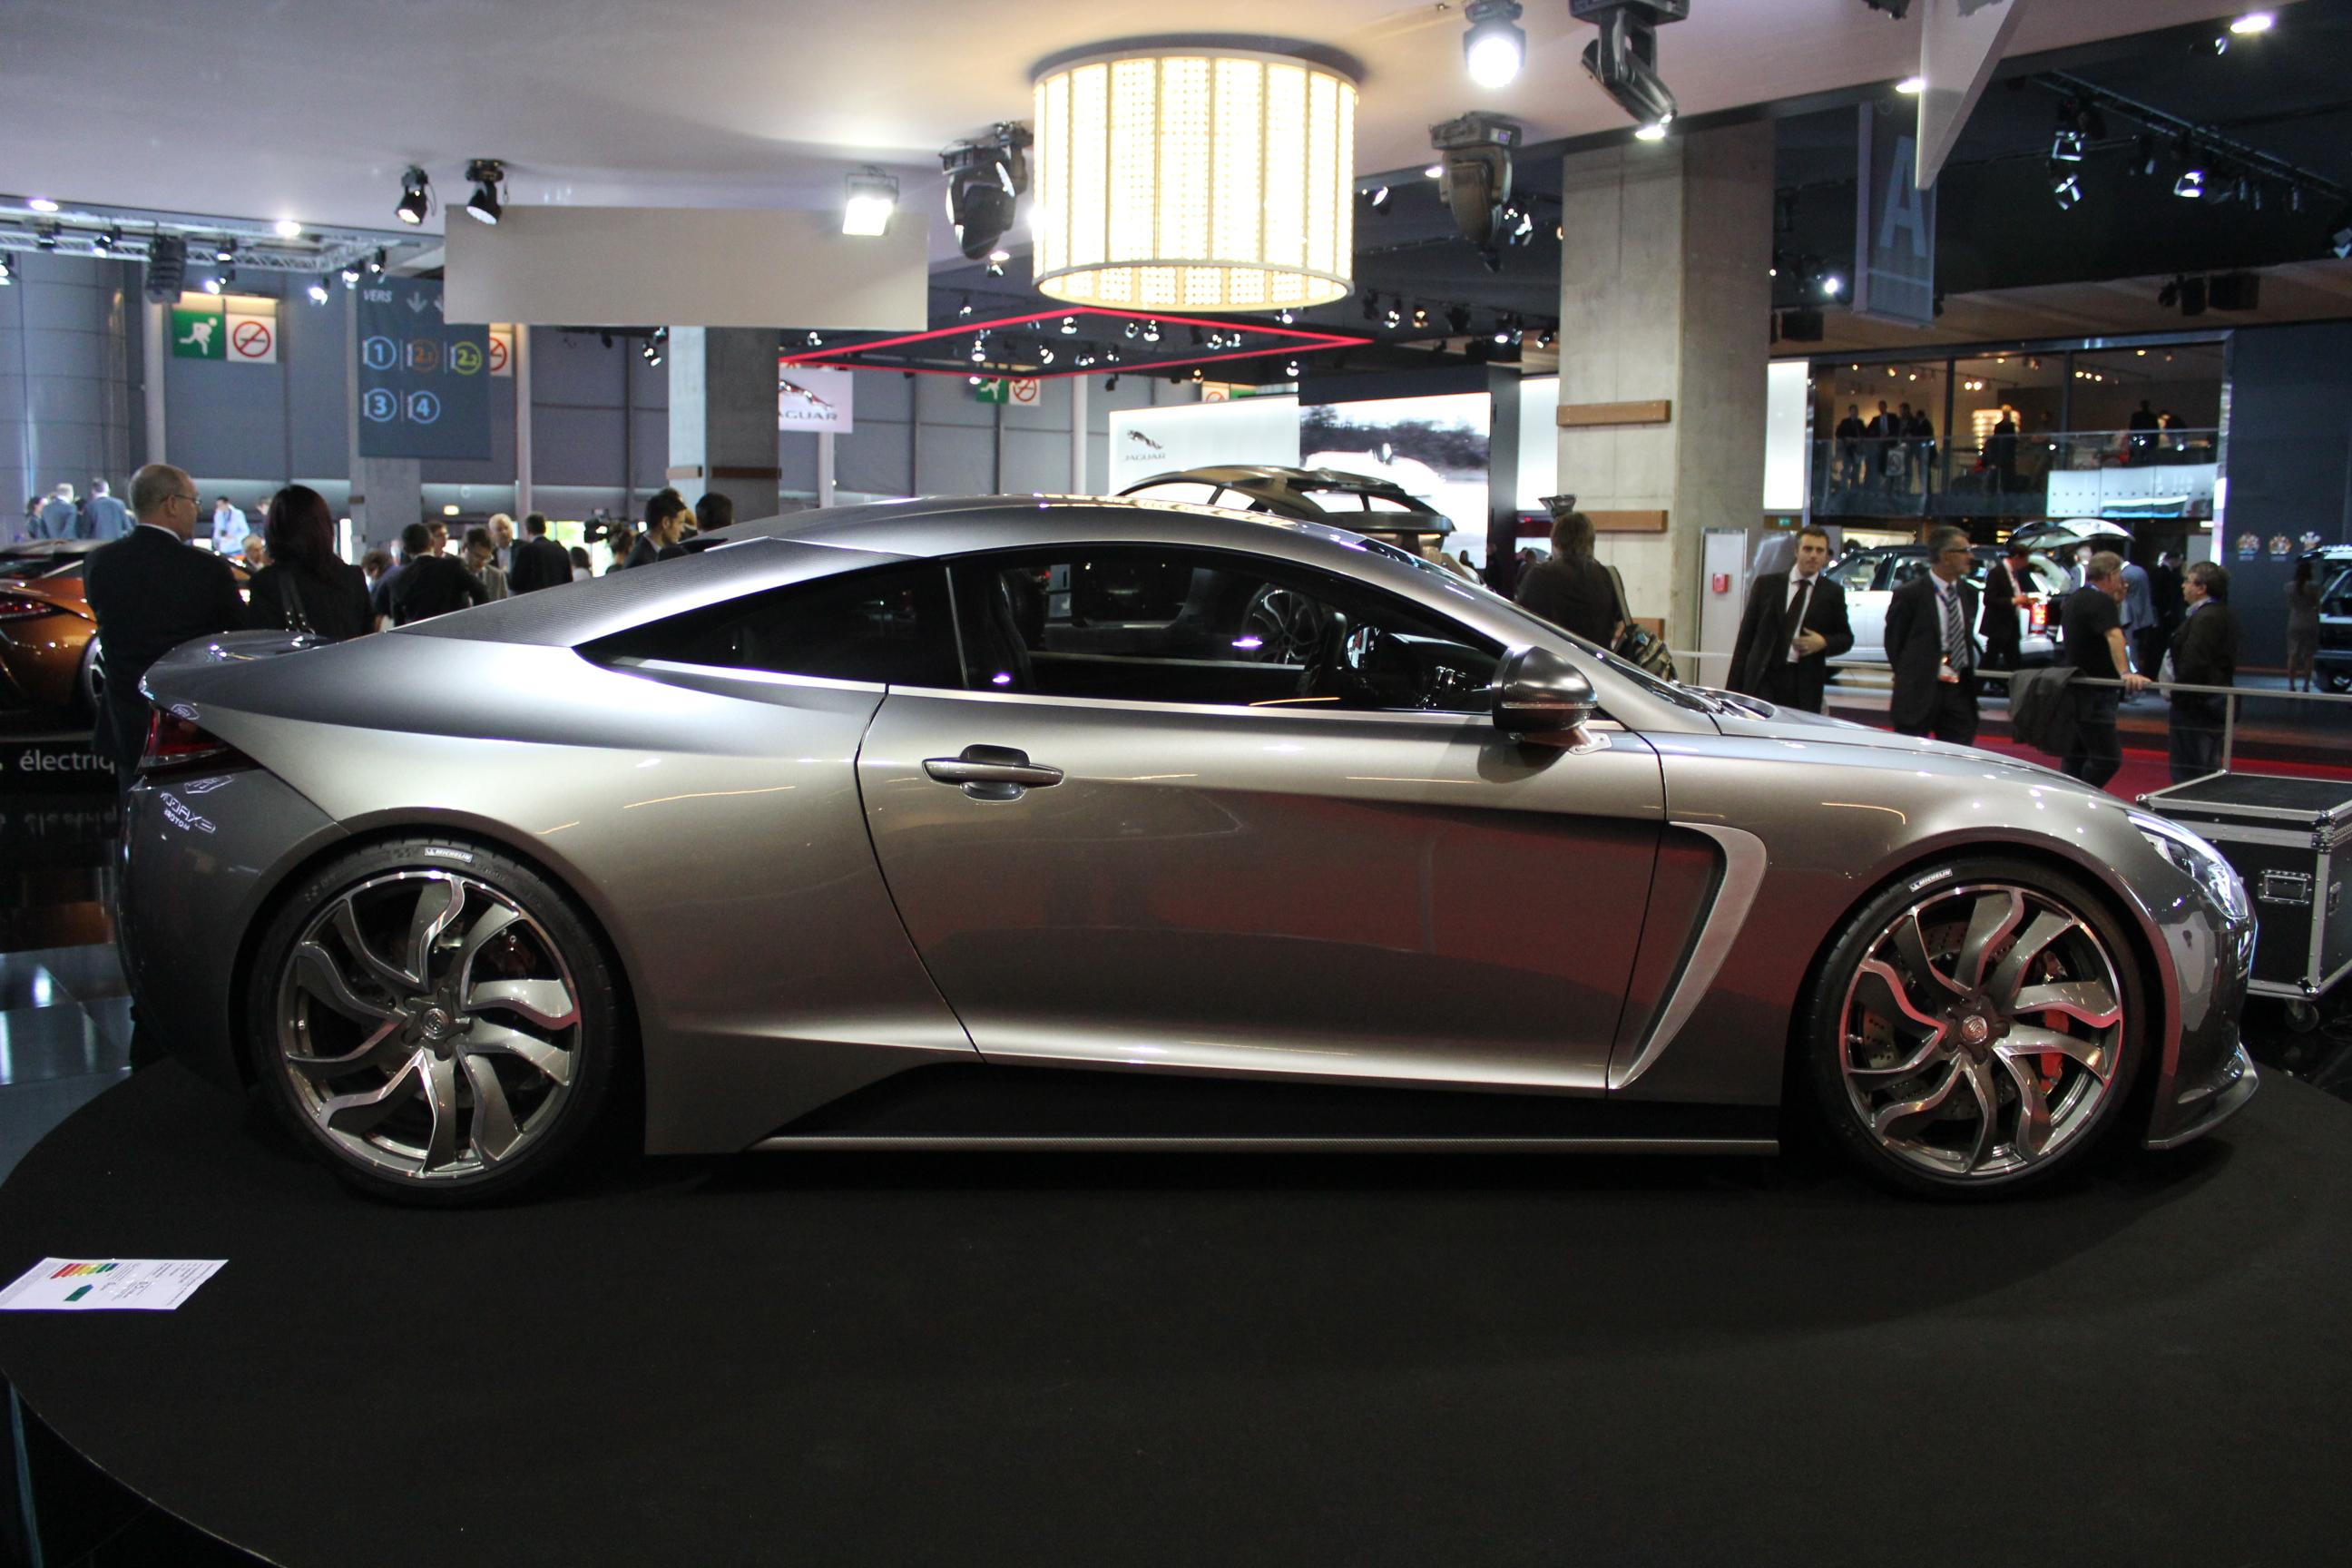 http://images.caradisiac.com/images/1/3/7/5/81375/S0-En-direct-du-Mondial-2012-Exagon-Motors-Furtive-e-GT-une-Fisker-Karma-a-la-francaise-274394.jpg